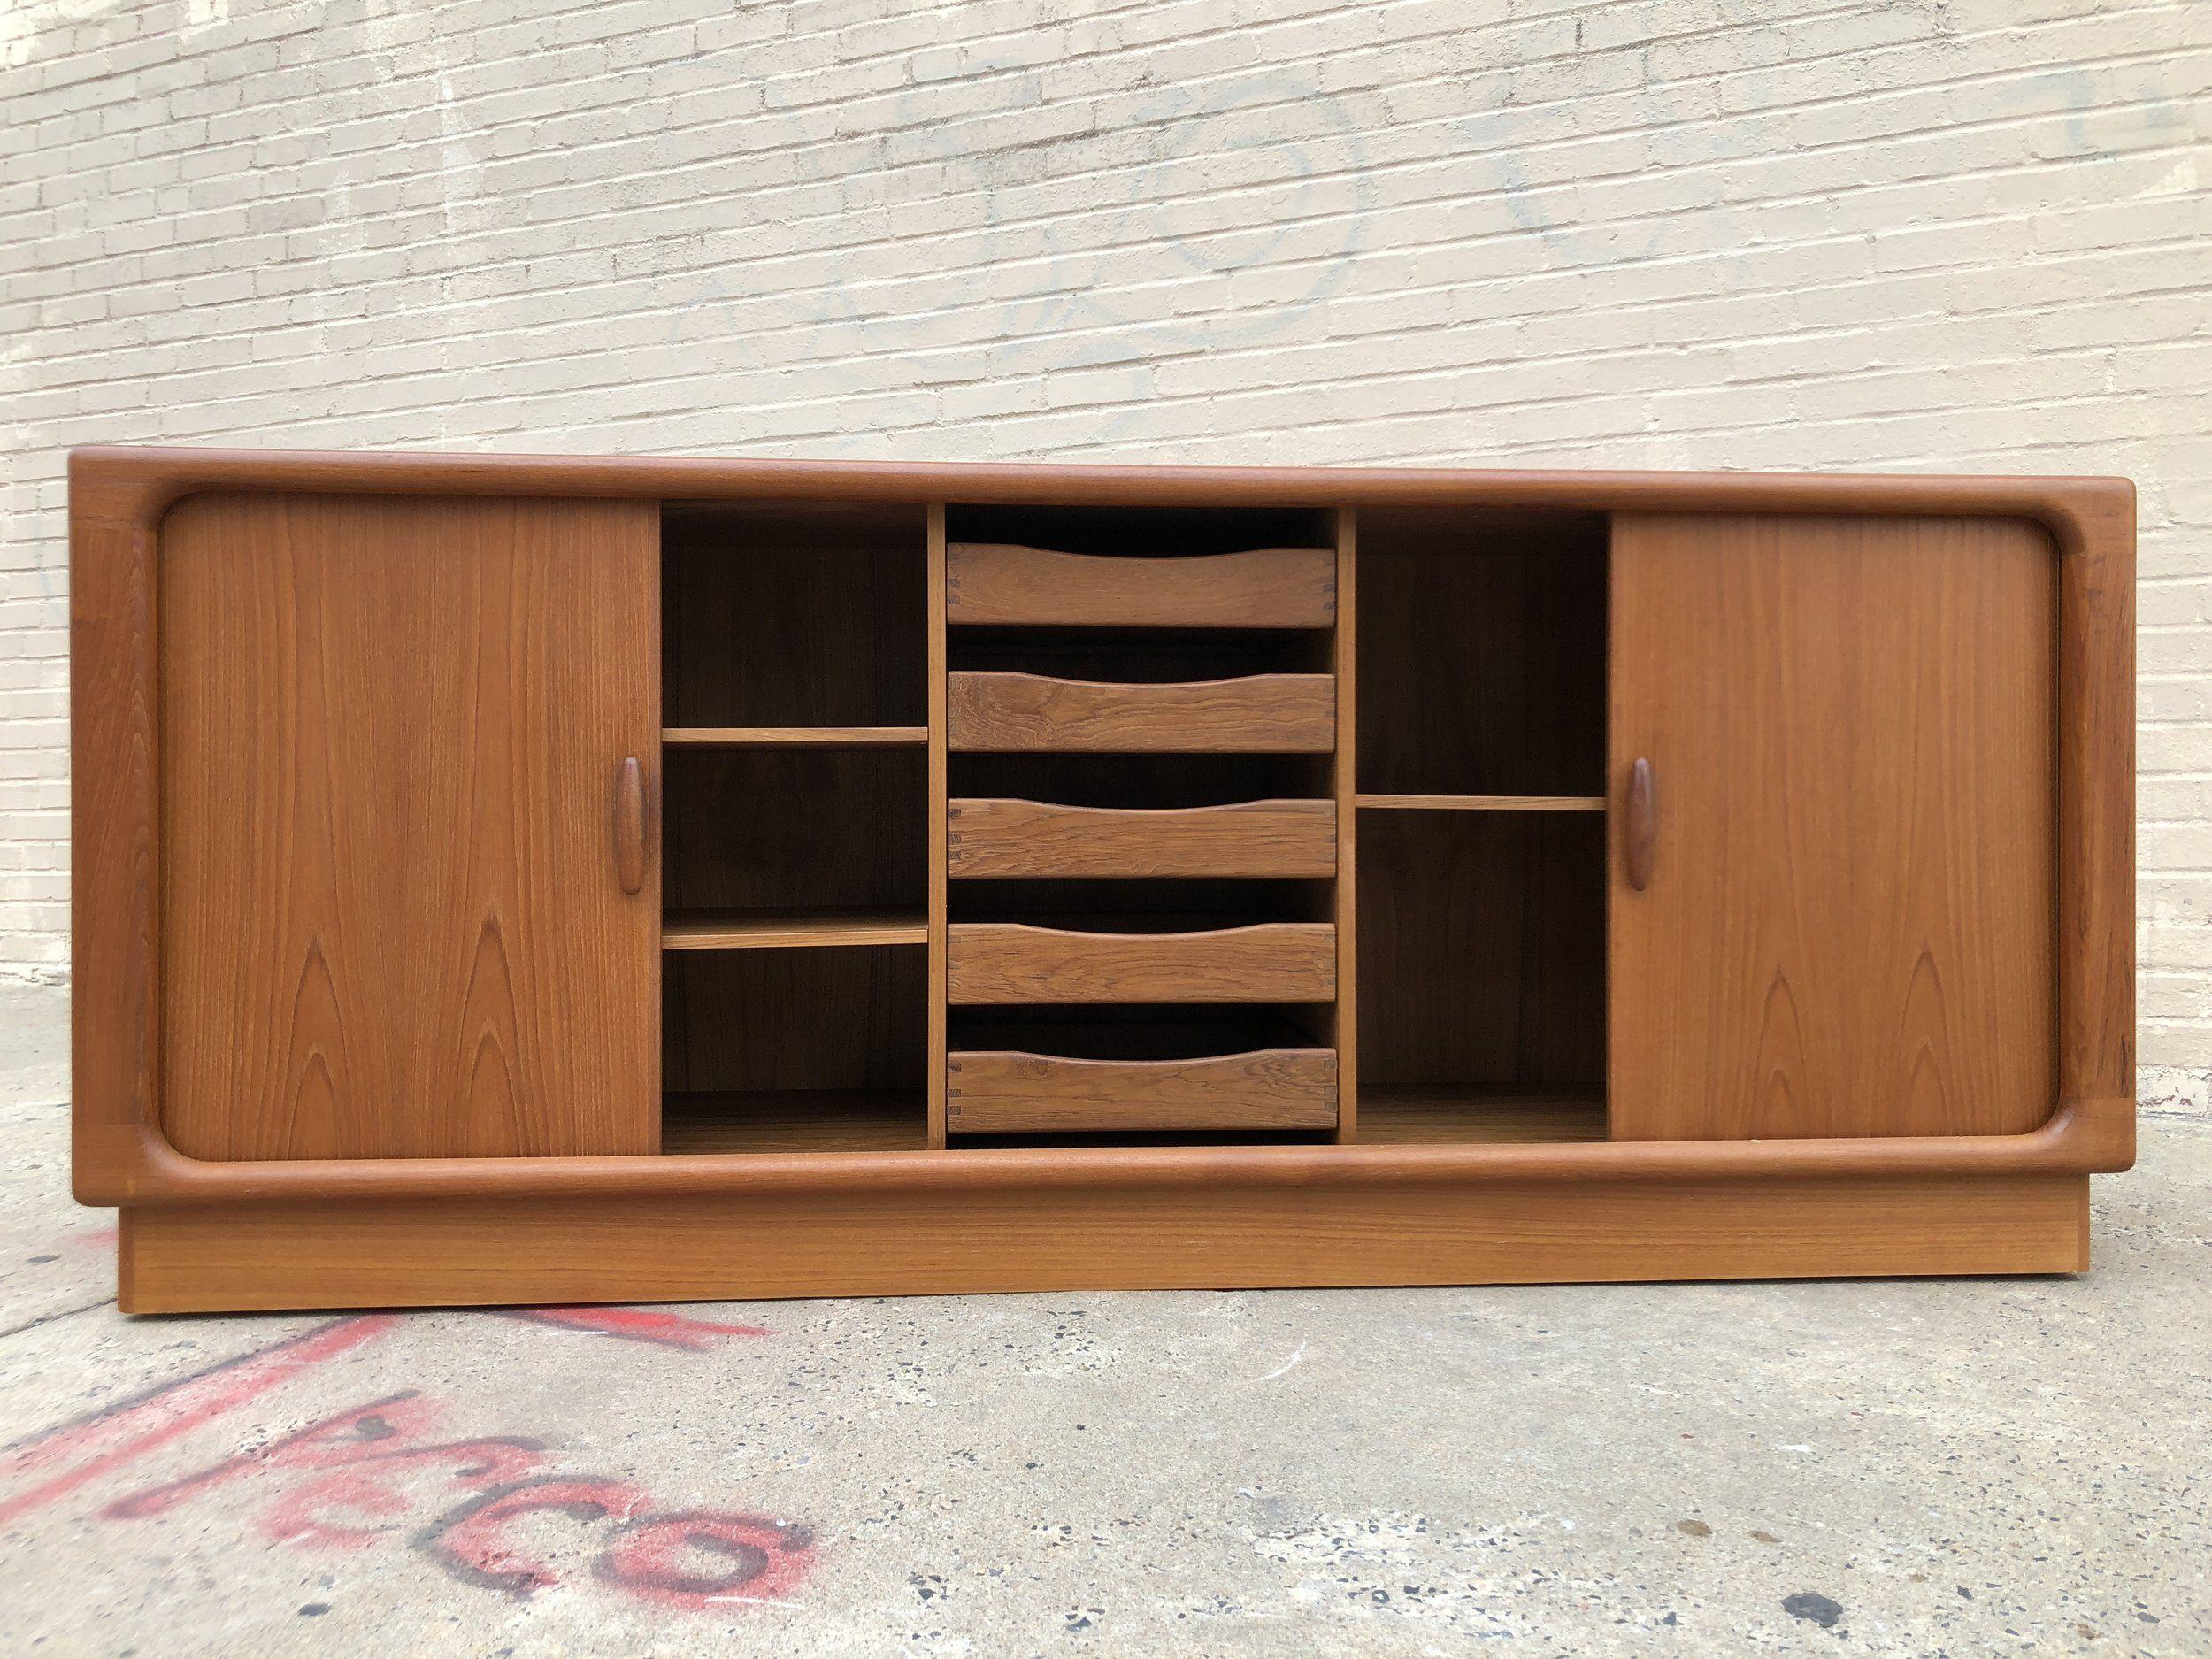 Dyrlund Danish Credenza : Dyrlund teak tambour door credenza denmark 1970s. 74.5u201d width 19